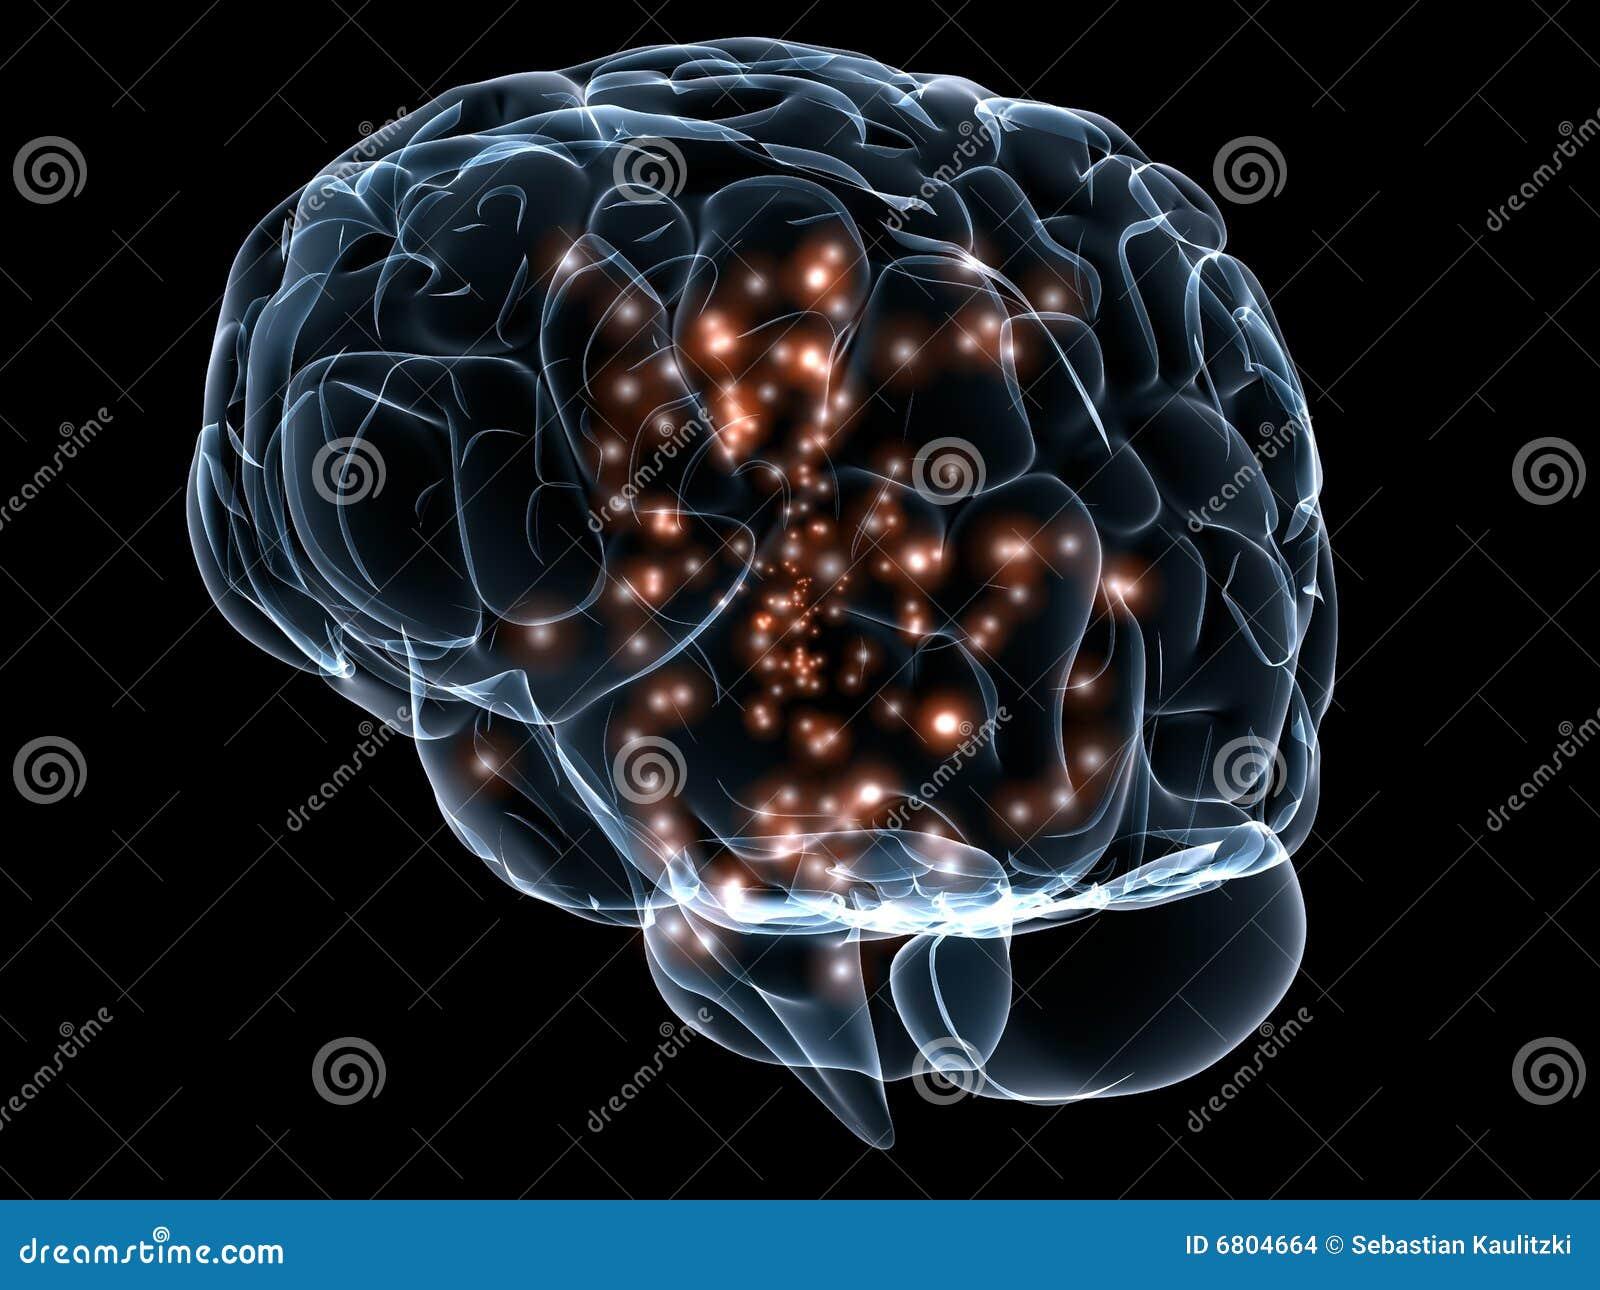 Human transparent brain